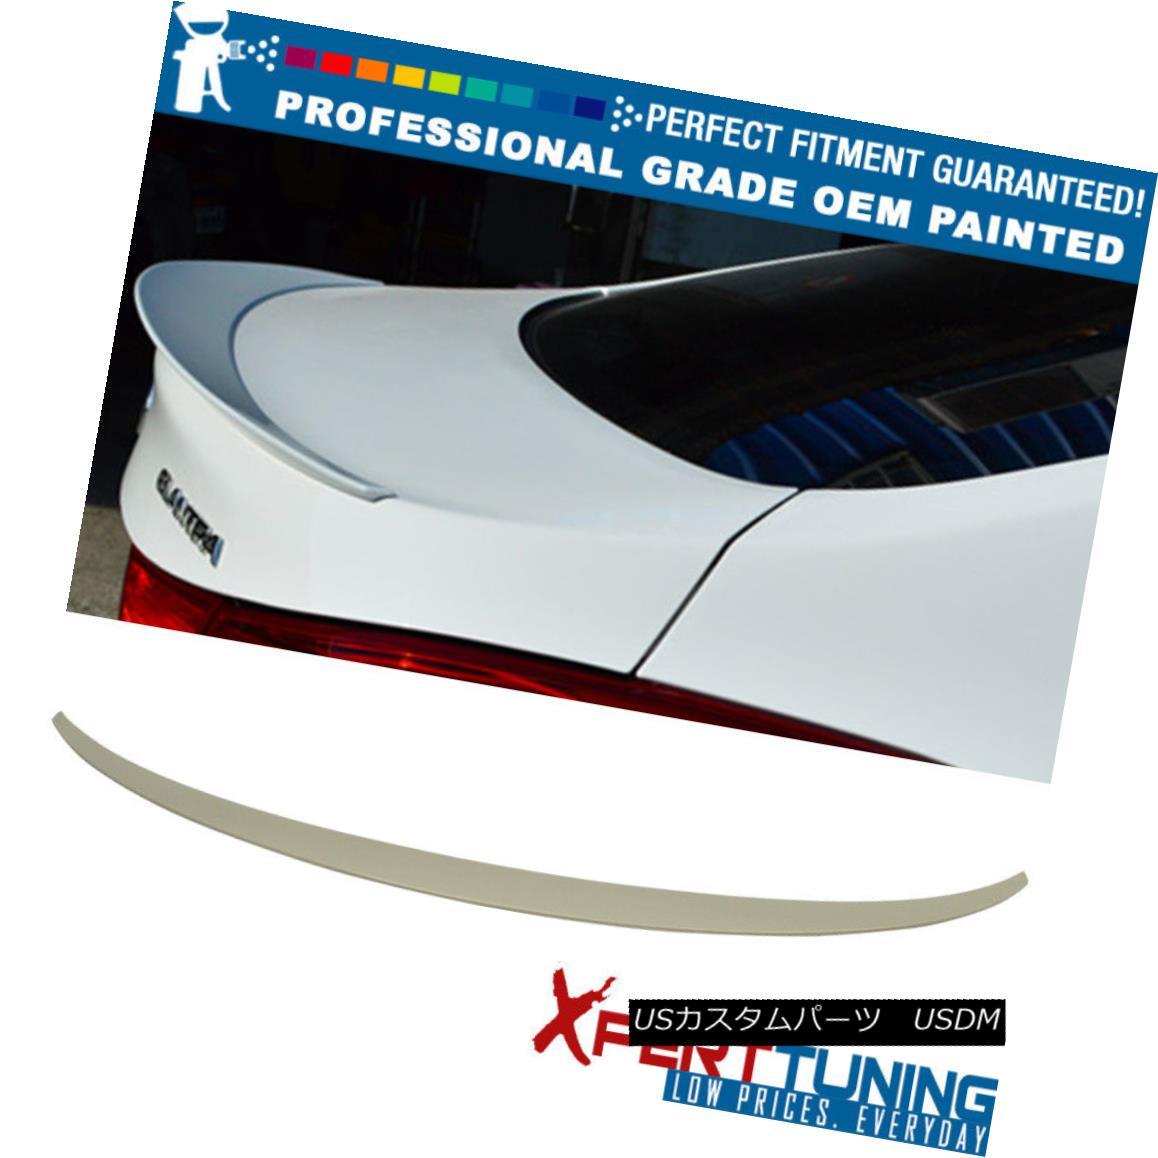 エアロパーツ Fits 10-15 Elantra 4Dr Painted OE Style Trunk Spoiler - OEM Painted Color フィット10~15 Elantra 4Dr塗装OEスタイルのトランク・スポイラー - OEM塗装色